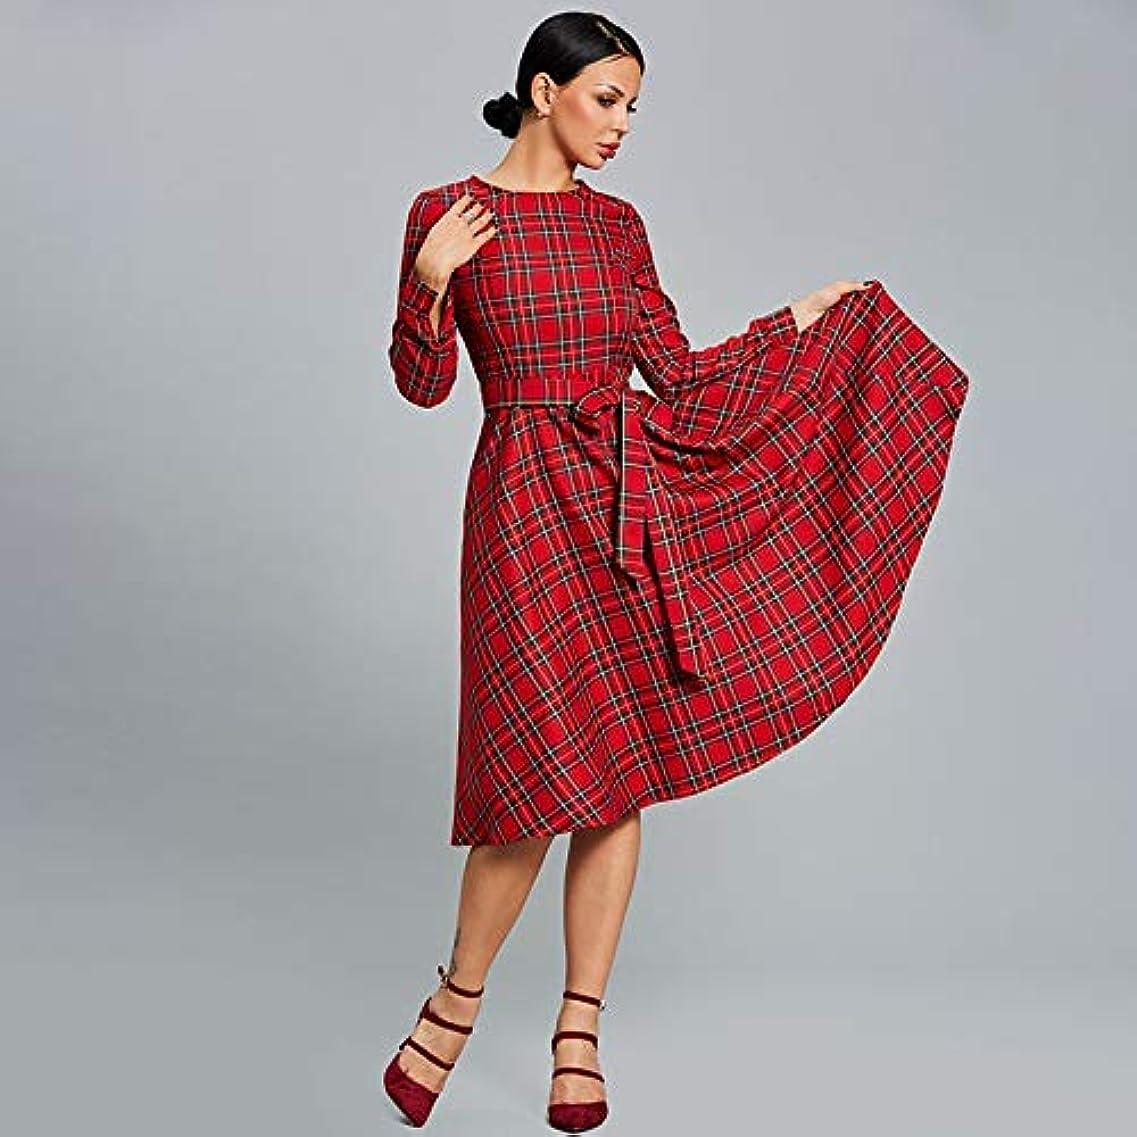 代数急速なうそつきOnderroa - 女性のドレス秋のタータンチェックレッドパーティードレスOネックロングスリーブパッチワークラインデー2018女性の厚いヴィンテージドレス